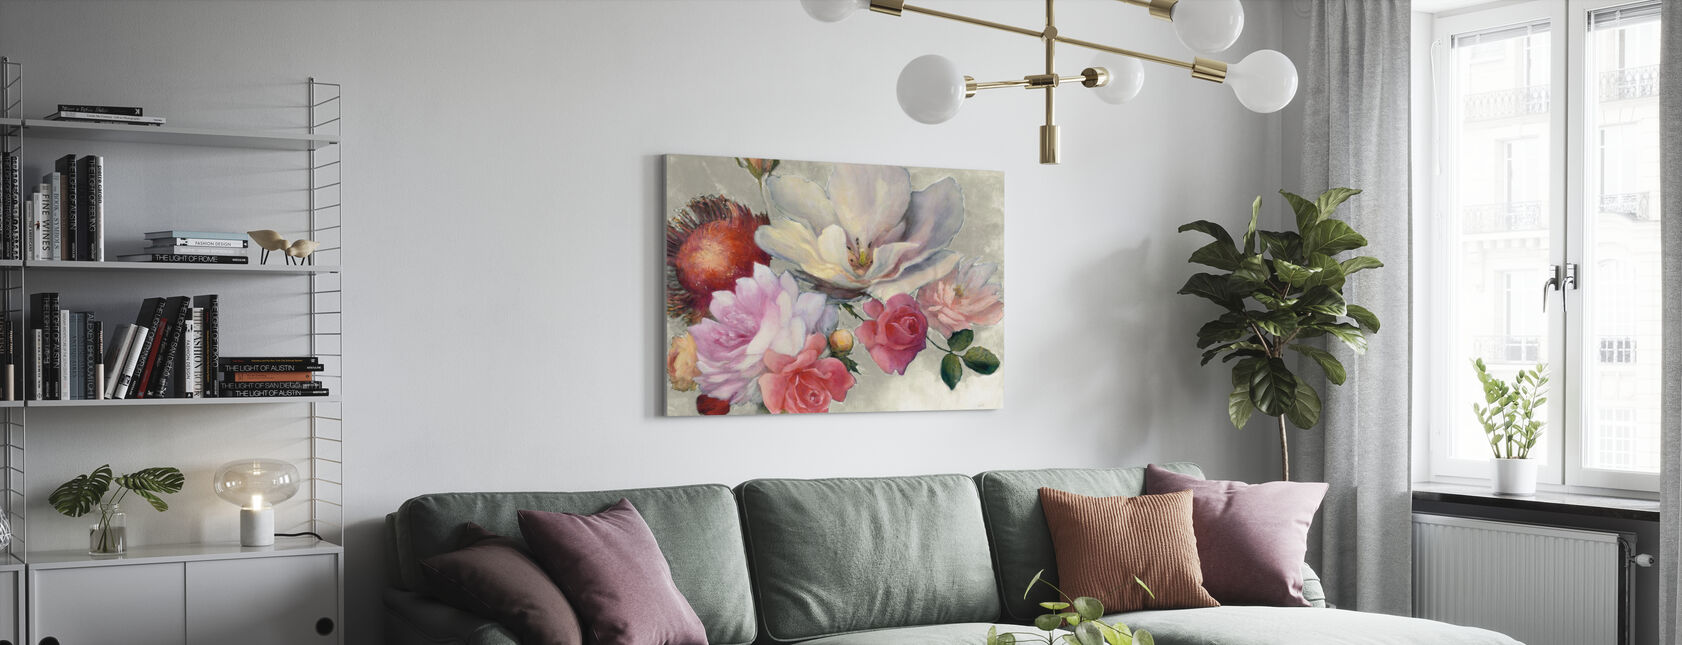 Flämische Fantasie auf Weiß - Leinwandbild - Wohnzimmer